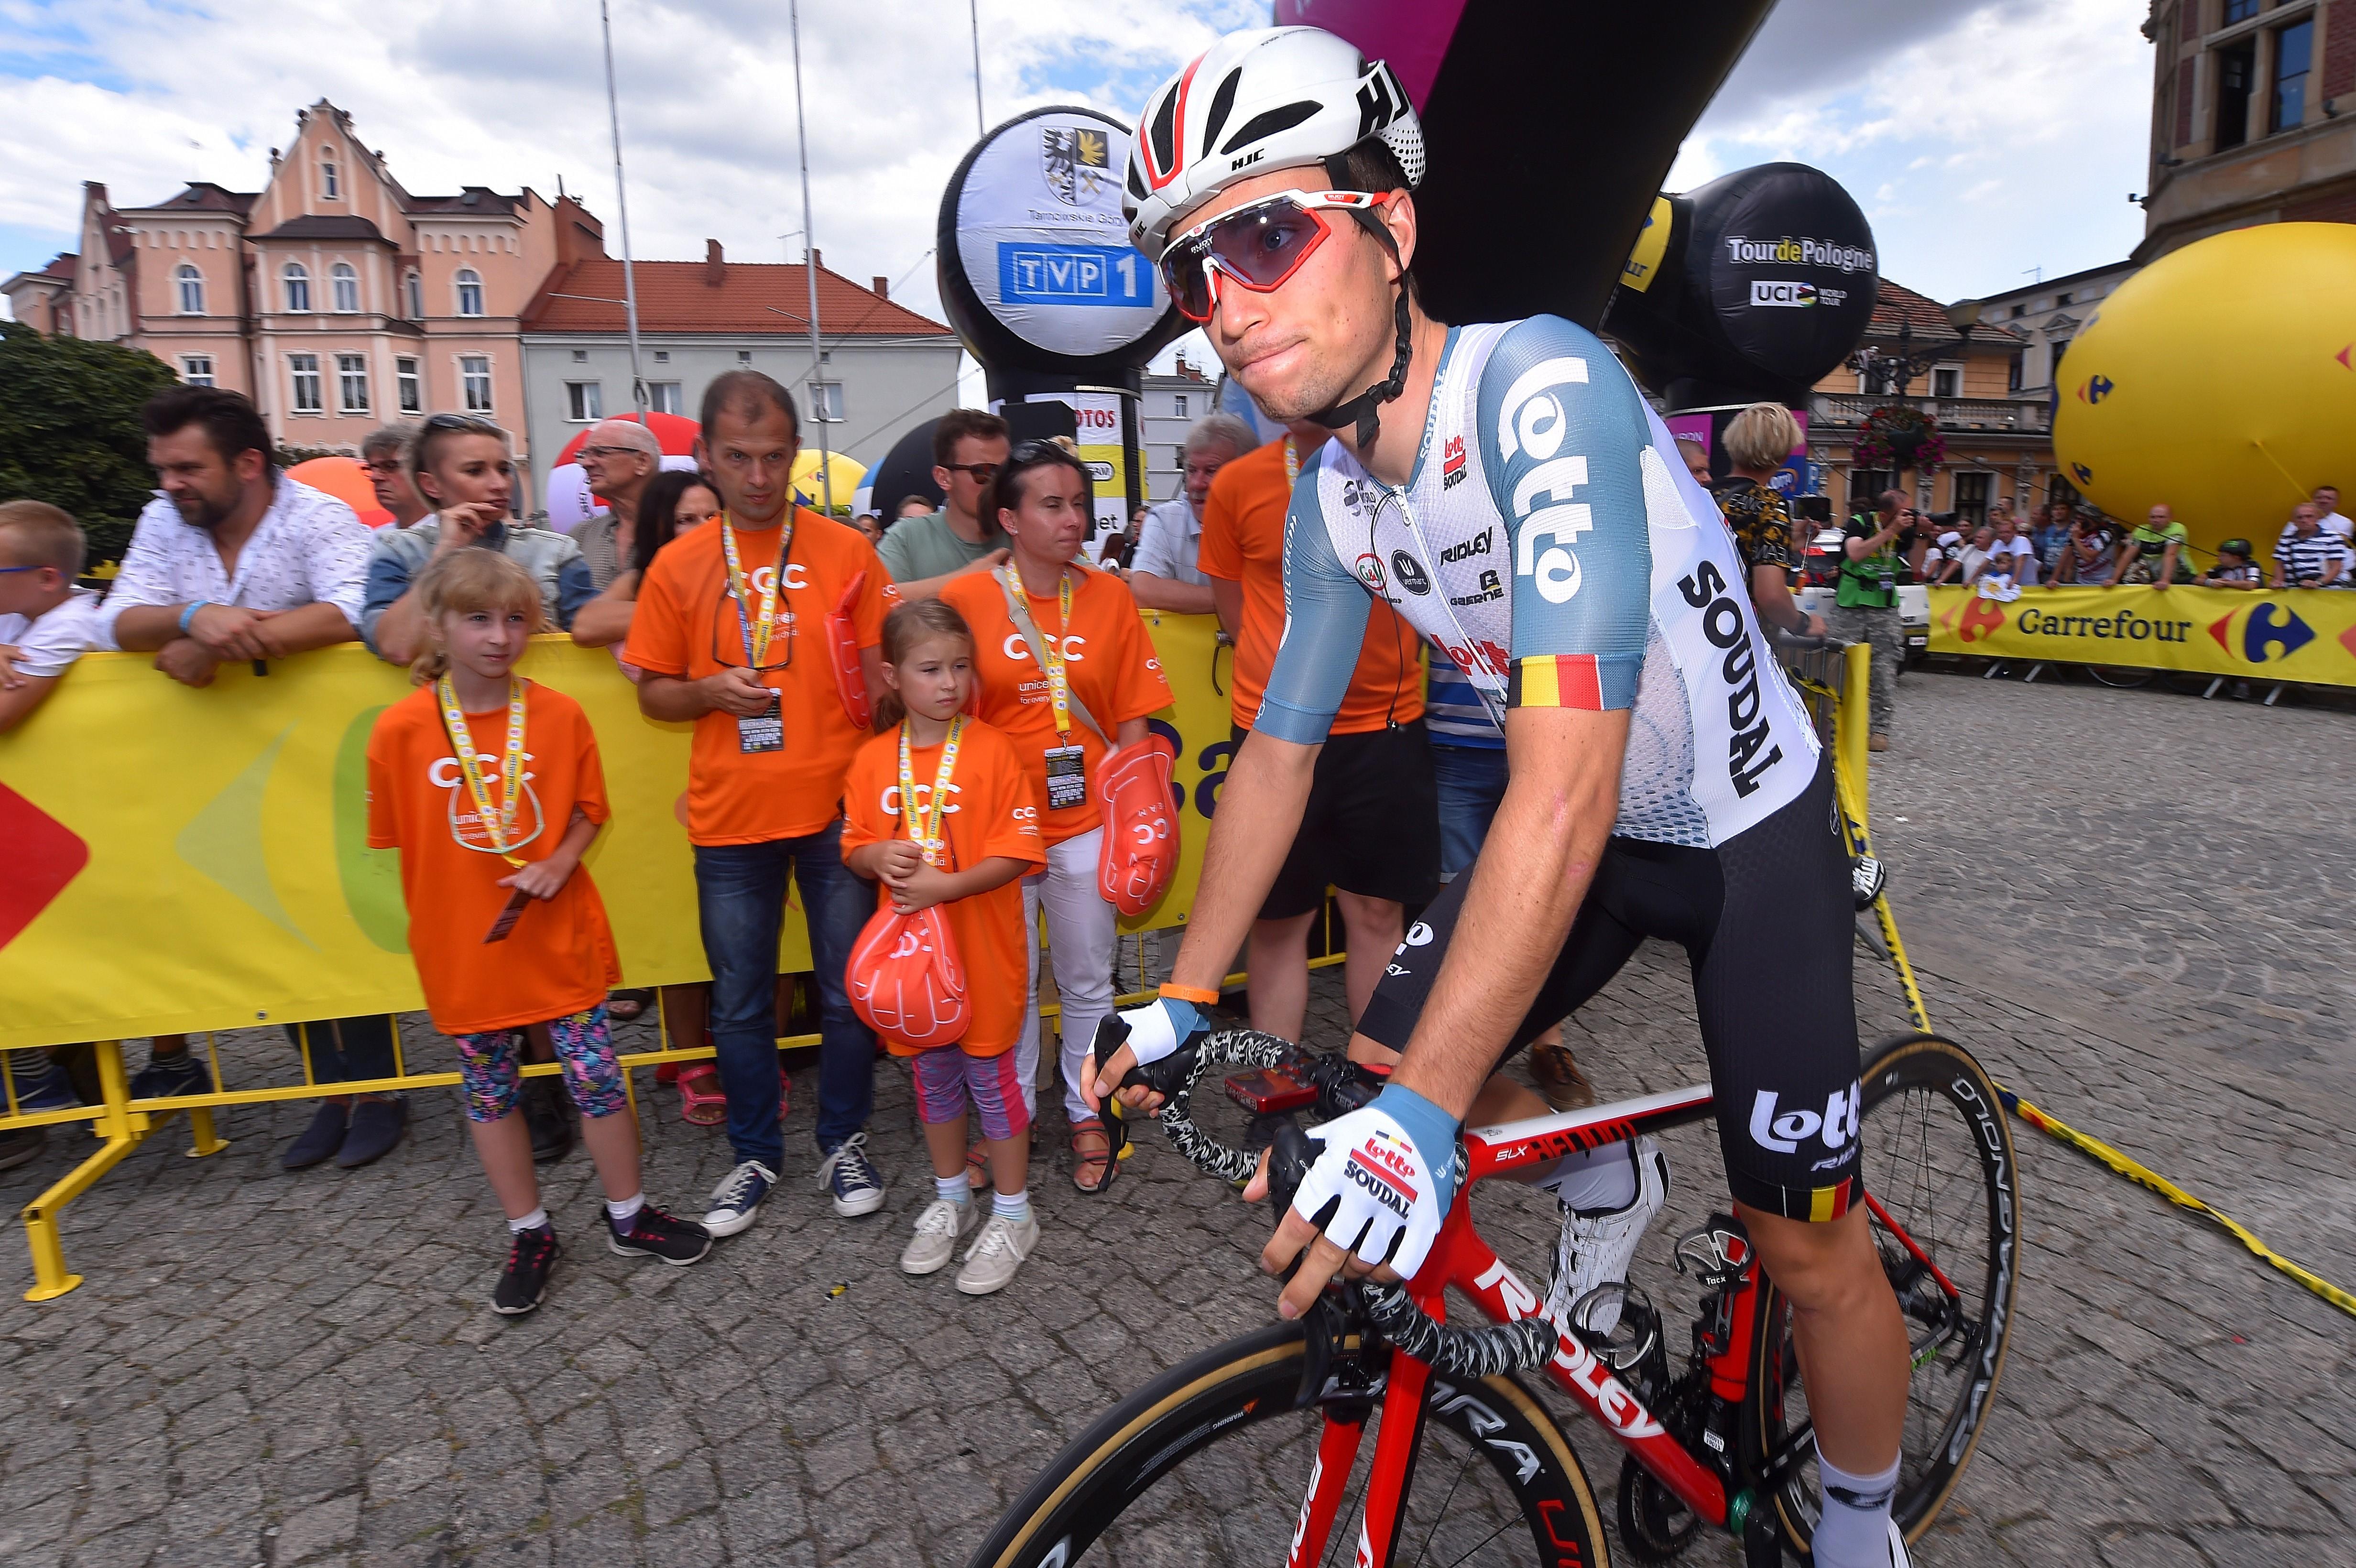 Bjorg Lambrecht lors du Tour de Pologne 2019